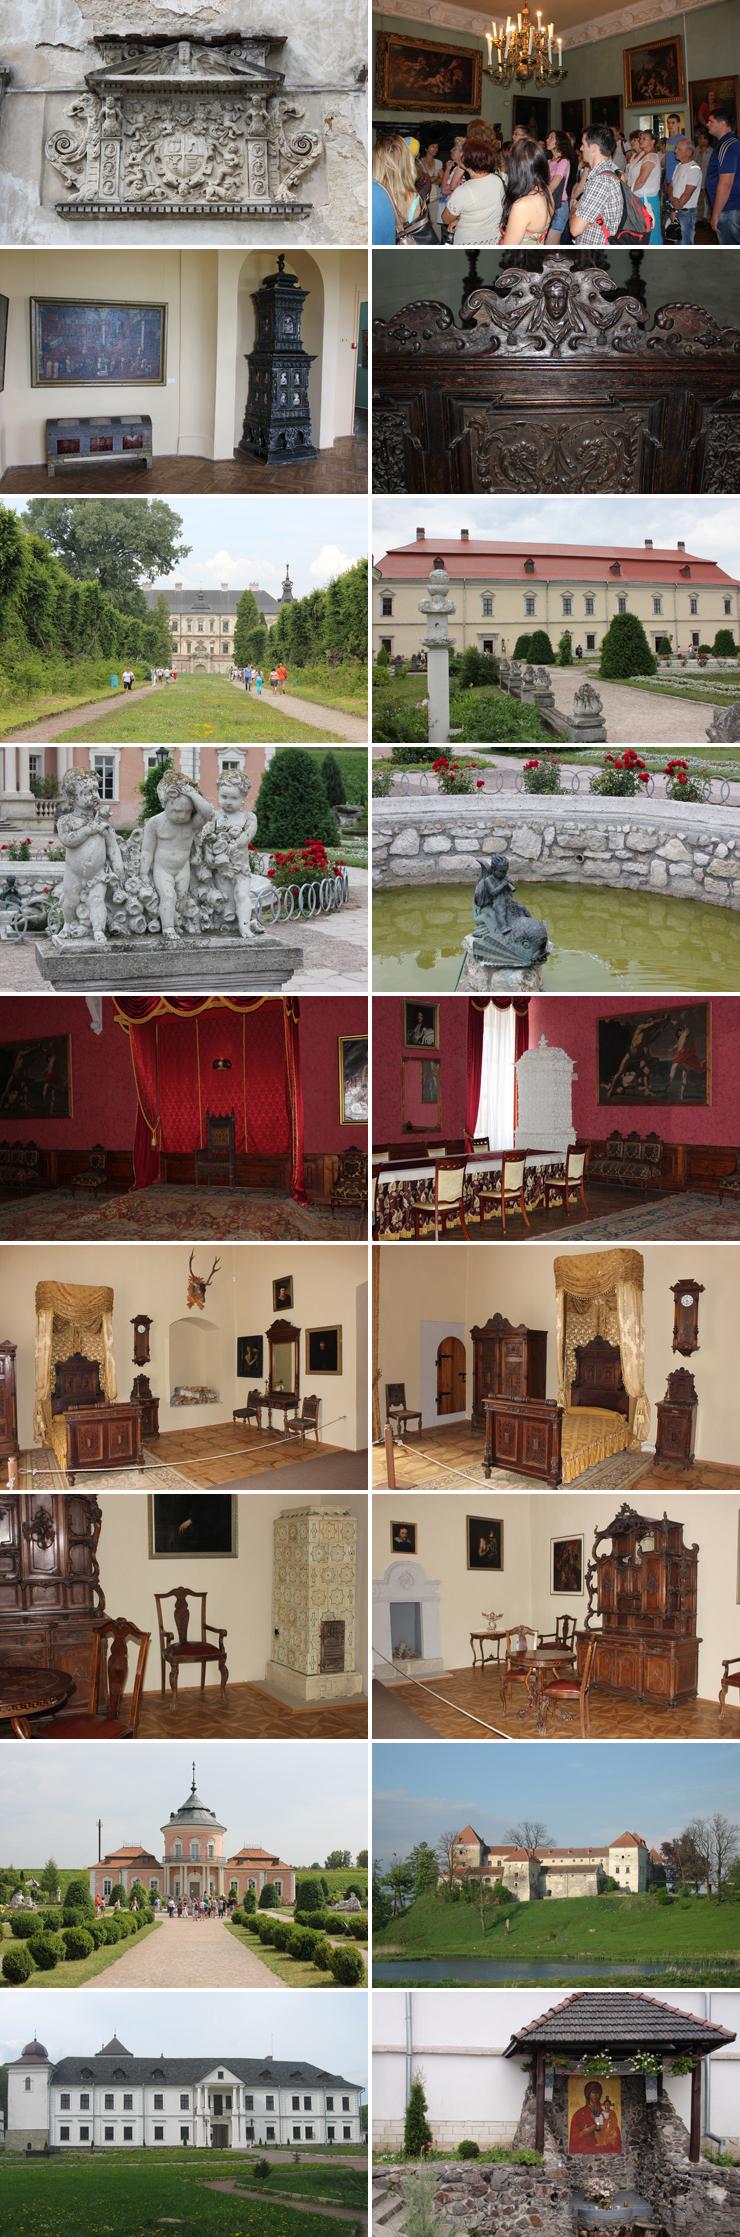 тур во Львов, организация индивидуальных туров по Львову и Львовской области, туры по западной Украине, тур по Львову купить